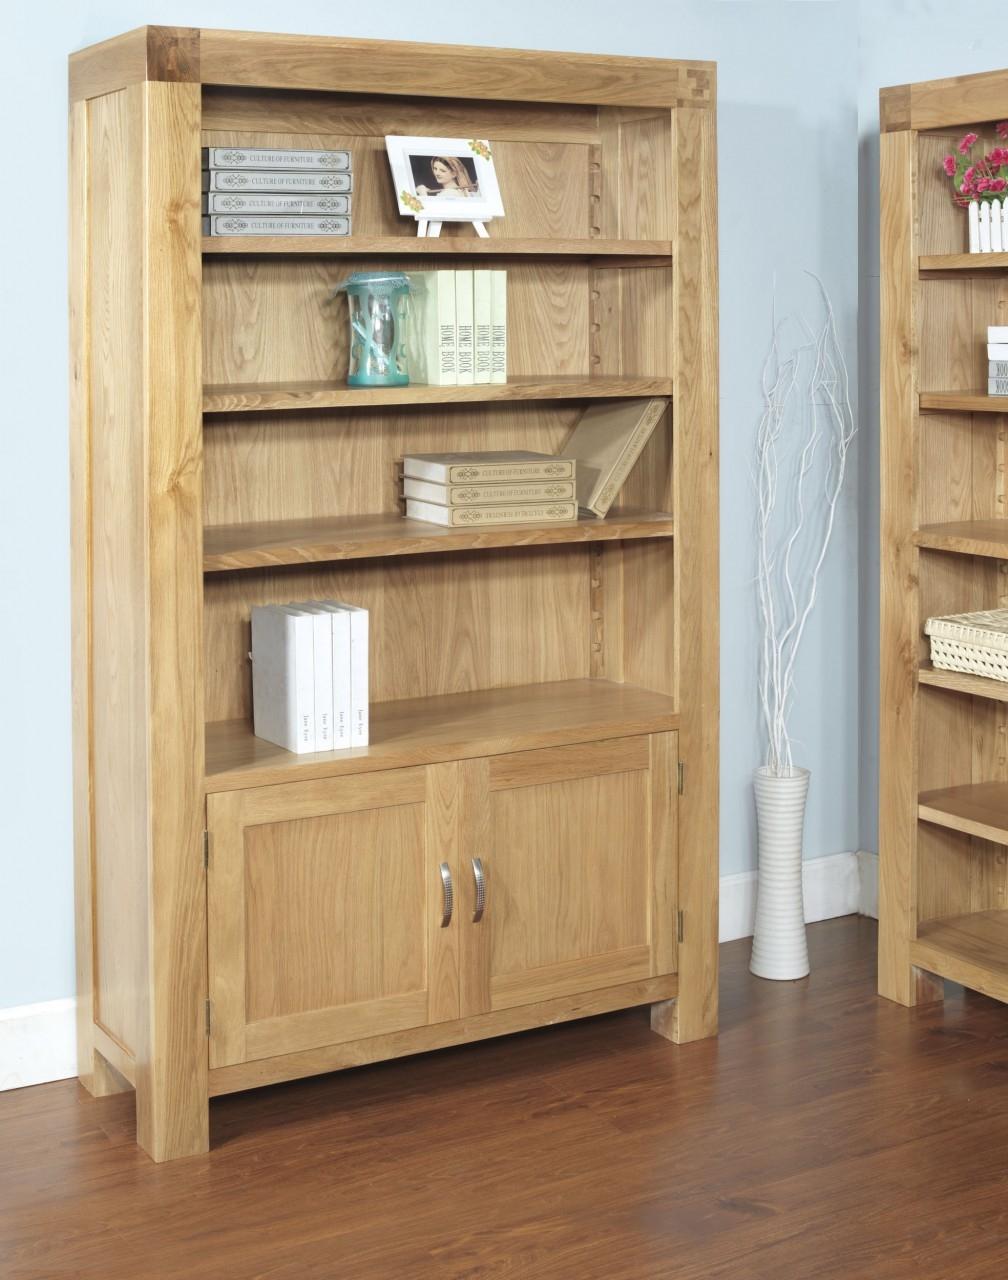 Design Wondrous Solid Oak Shelving Uk Shelf Design Fascinating Within Solid Oak Shelves (#5 of 15)